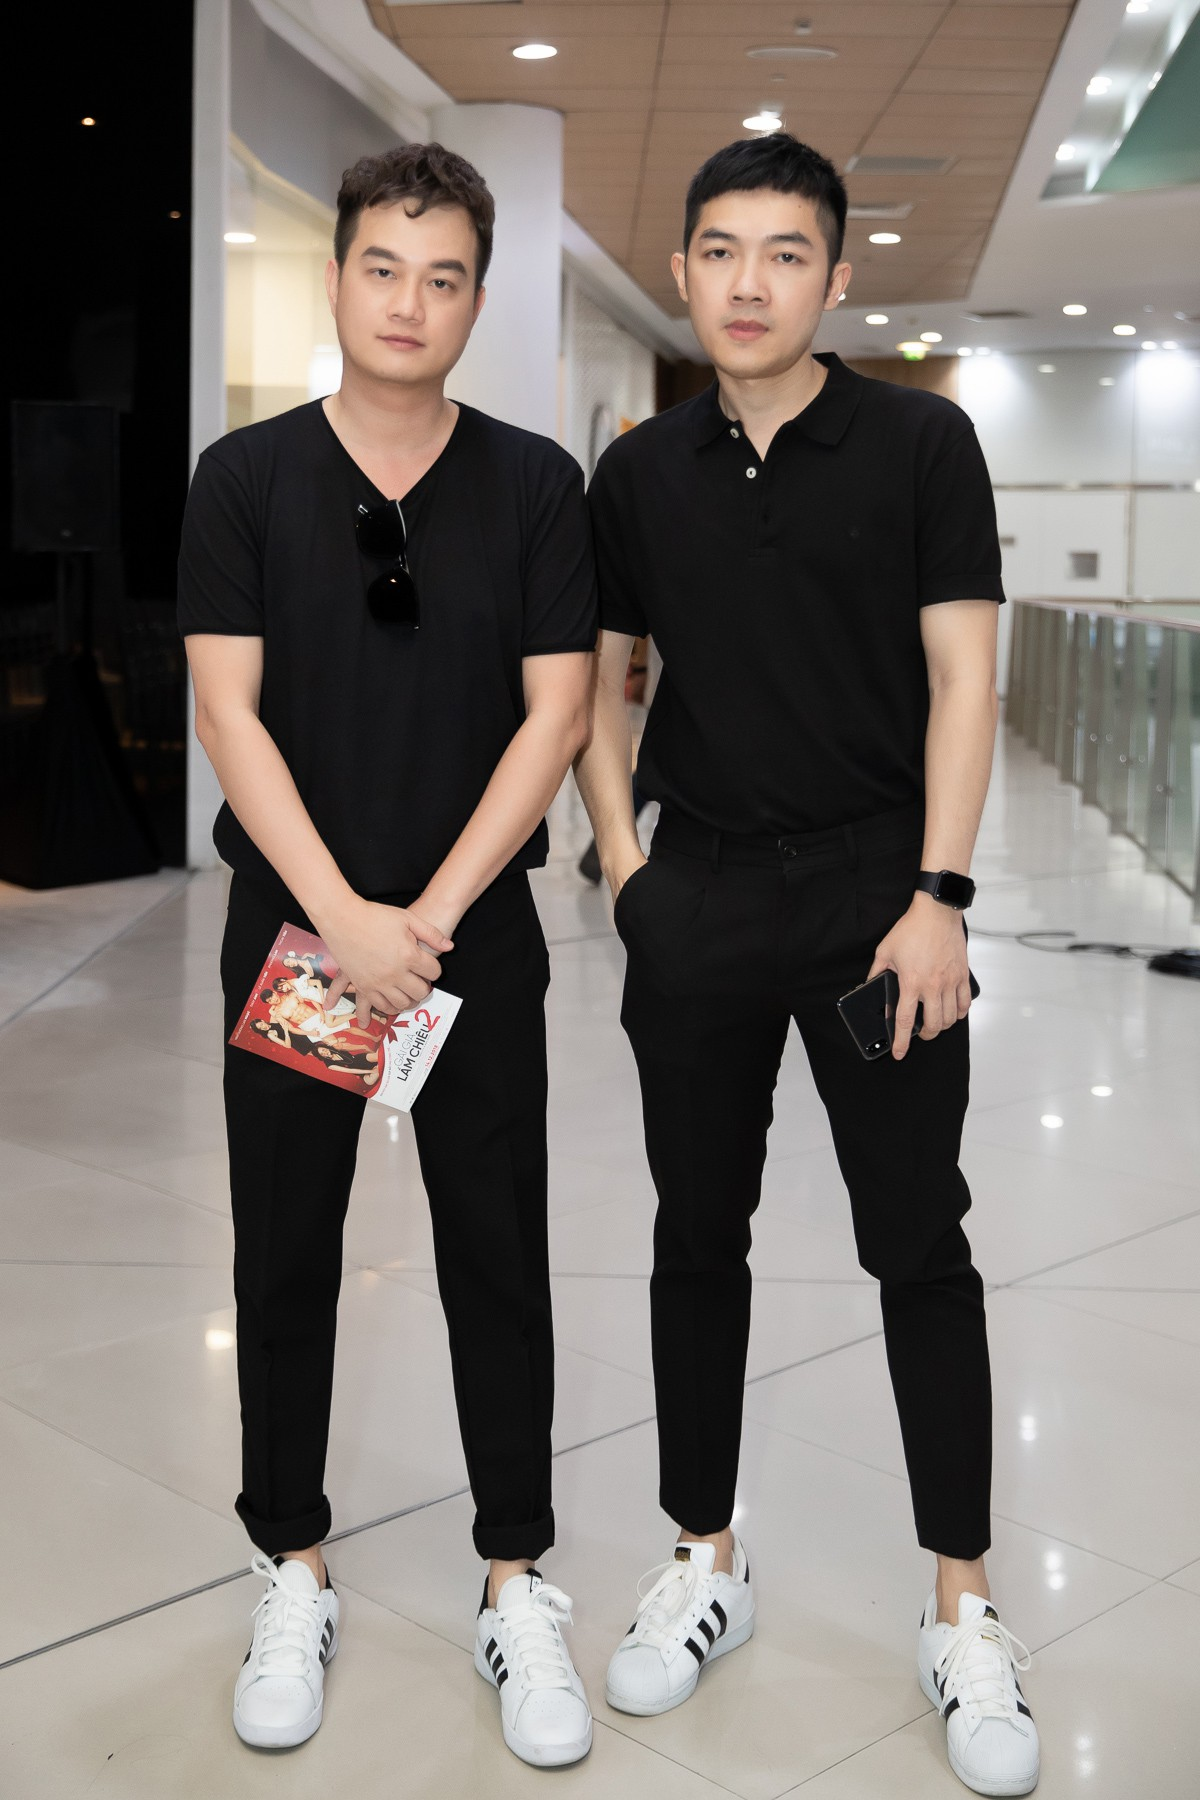 Dàn sao Gái Già Lắm Chiêu 2 bất ngờ gây náo loạn sàn catwalk, chinh phục công chúng bằng BTS ấn tượng của Lâm Gia Khang - Ảnh 2.